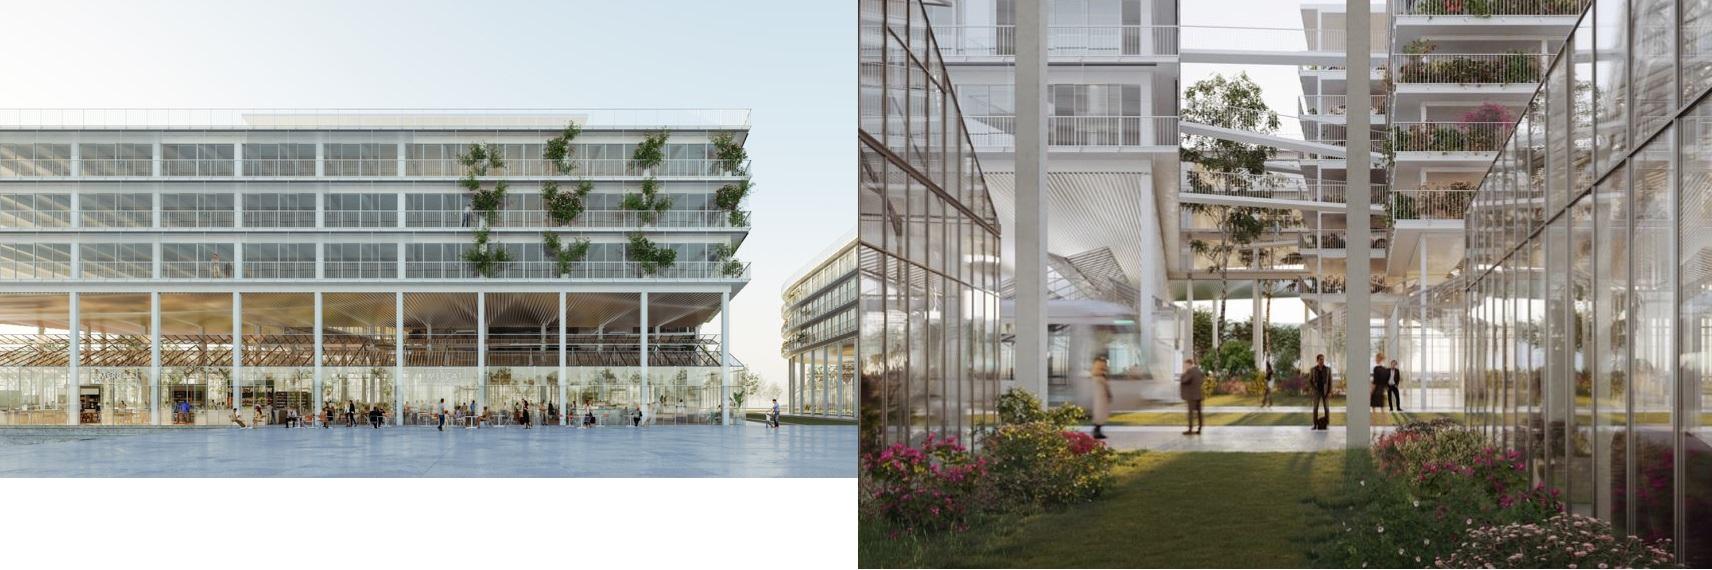 Тулуза, Франция, фото: официальный сайт архитектурного бюро Lacaton & Vassal